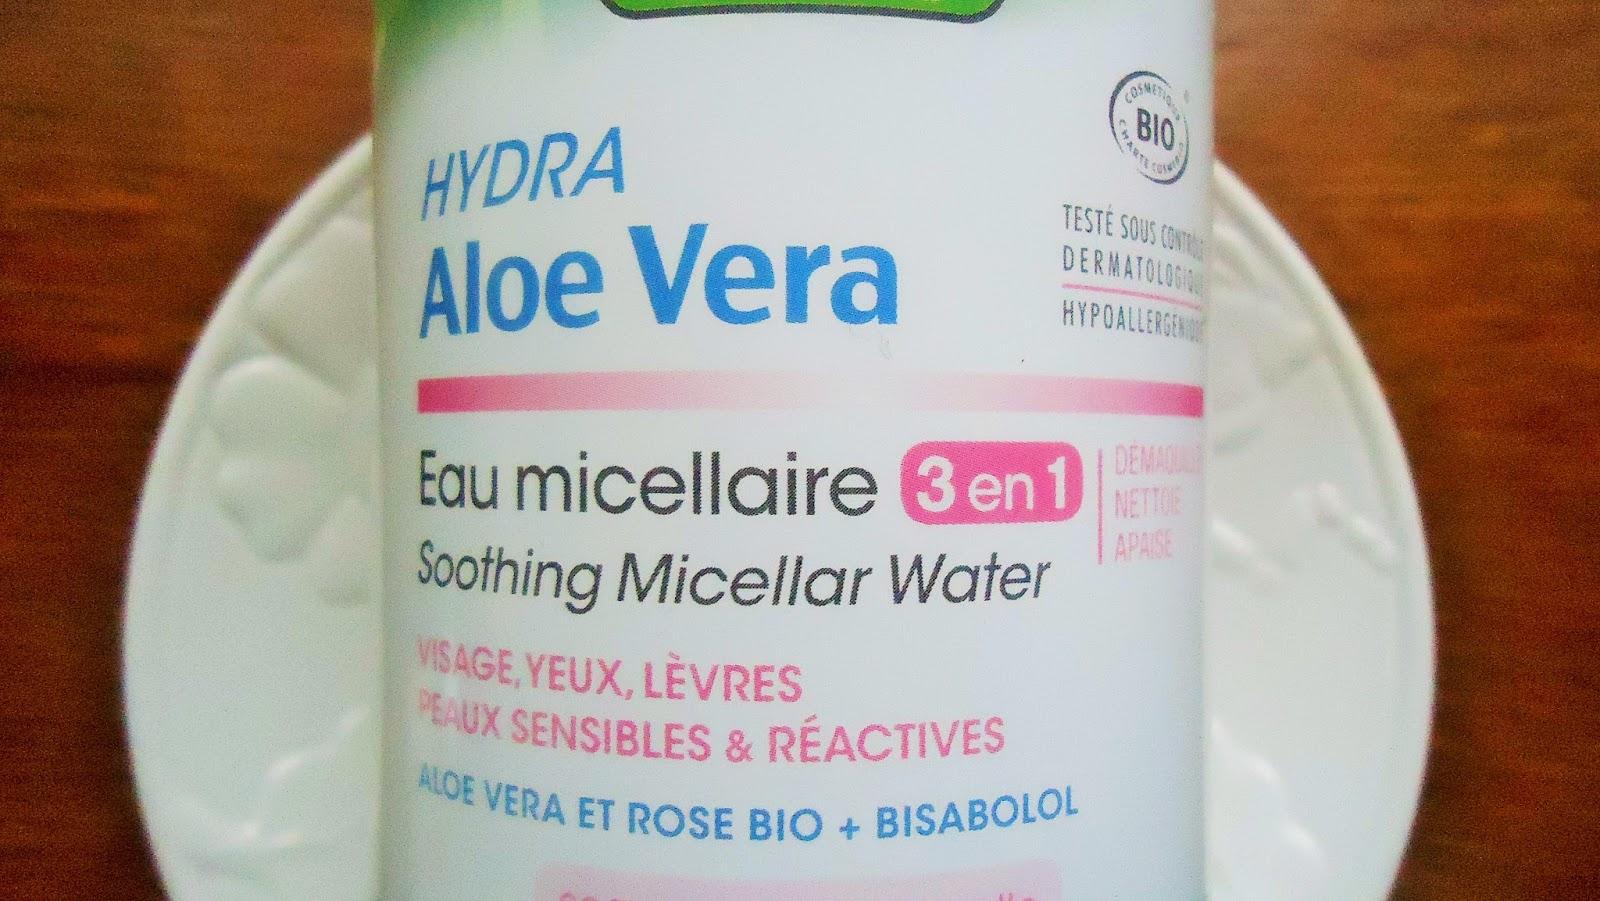 eau micéllaire à l'aloé vera so bio étic